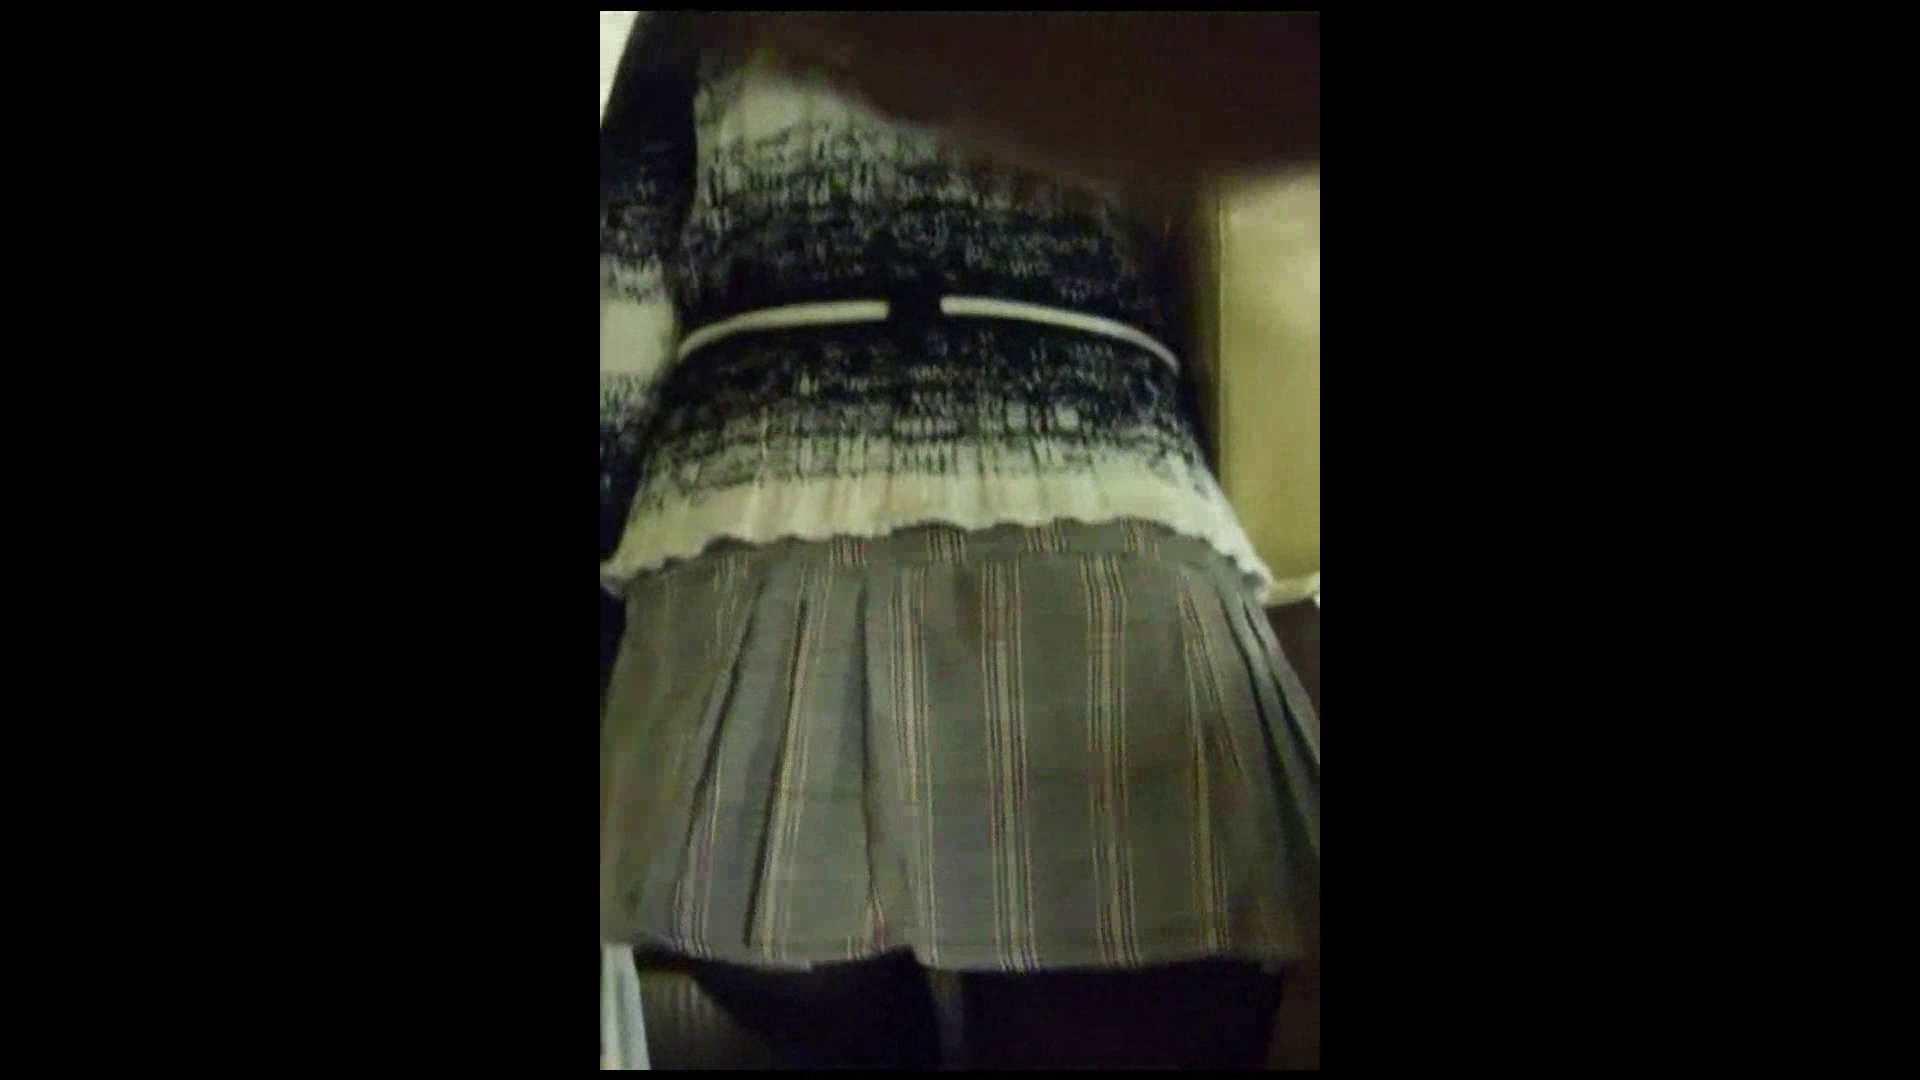 綺麗なモデルさんのスカート捲っちゃおう‼vol02 OLすけべ画像   モデル  82連発 31